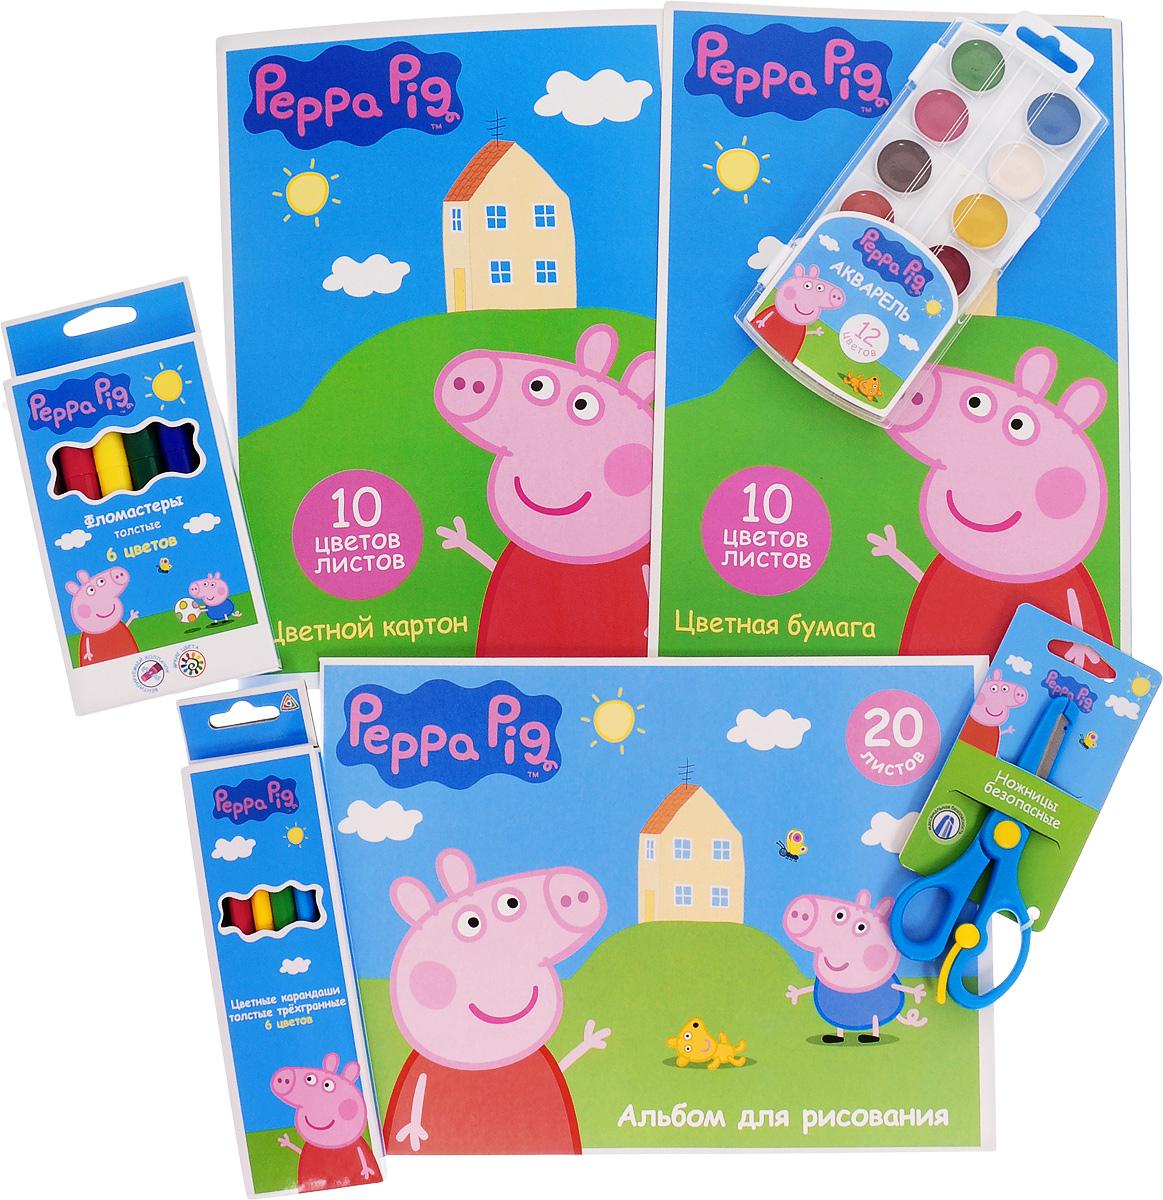 Peppa Pig Набор для детского творчества 7 предметов33351Набор для детского творчества Peppa Pig содержит все необходимые предметы для детского творчества, как дома, так и в школе.В набор входят альбом для рисования, цветной картон и цветная бумага, безопасные ножницы, акварель, фломастеры, цветные карандаши.Все изделия украшены изображениями героев мультфильма Свинка Пеппа.Порадуйте своего ребенка таким замечательным набором!